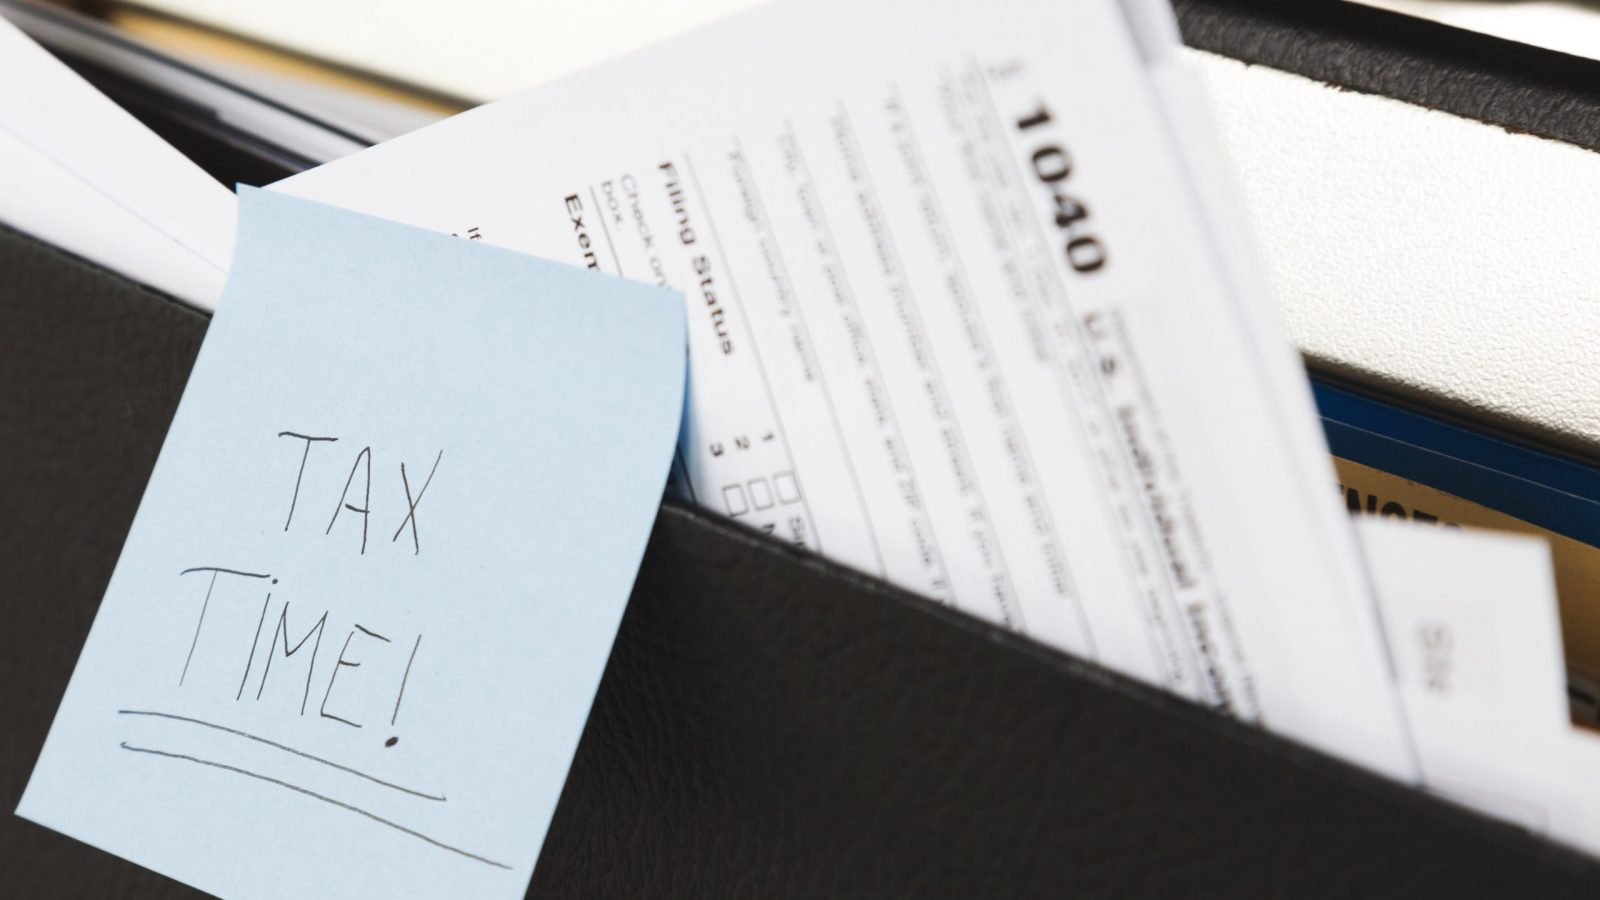 tax-time-reminder